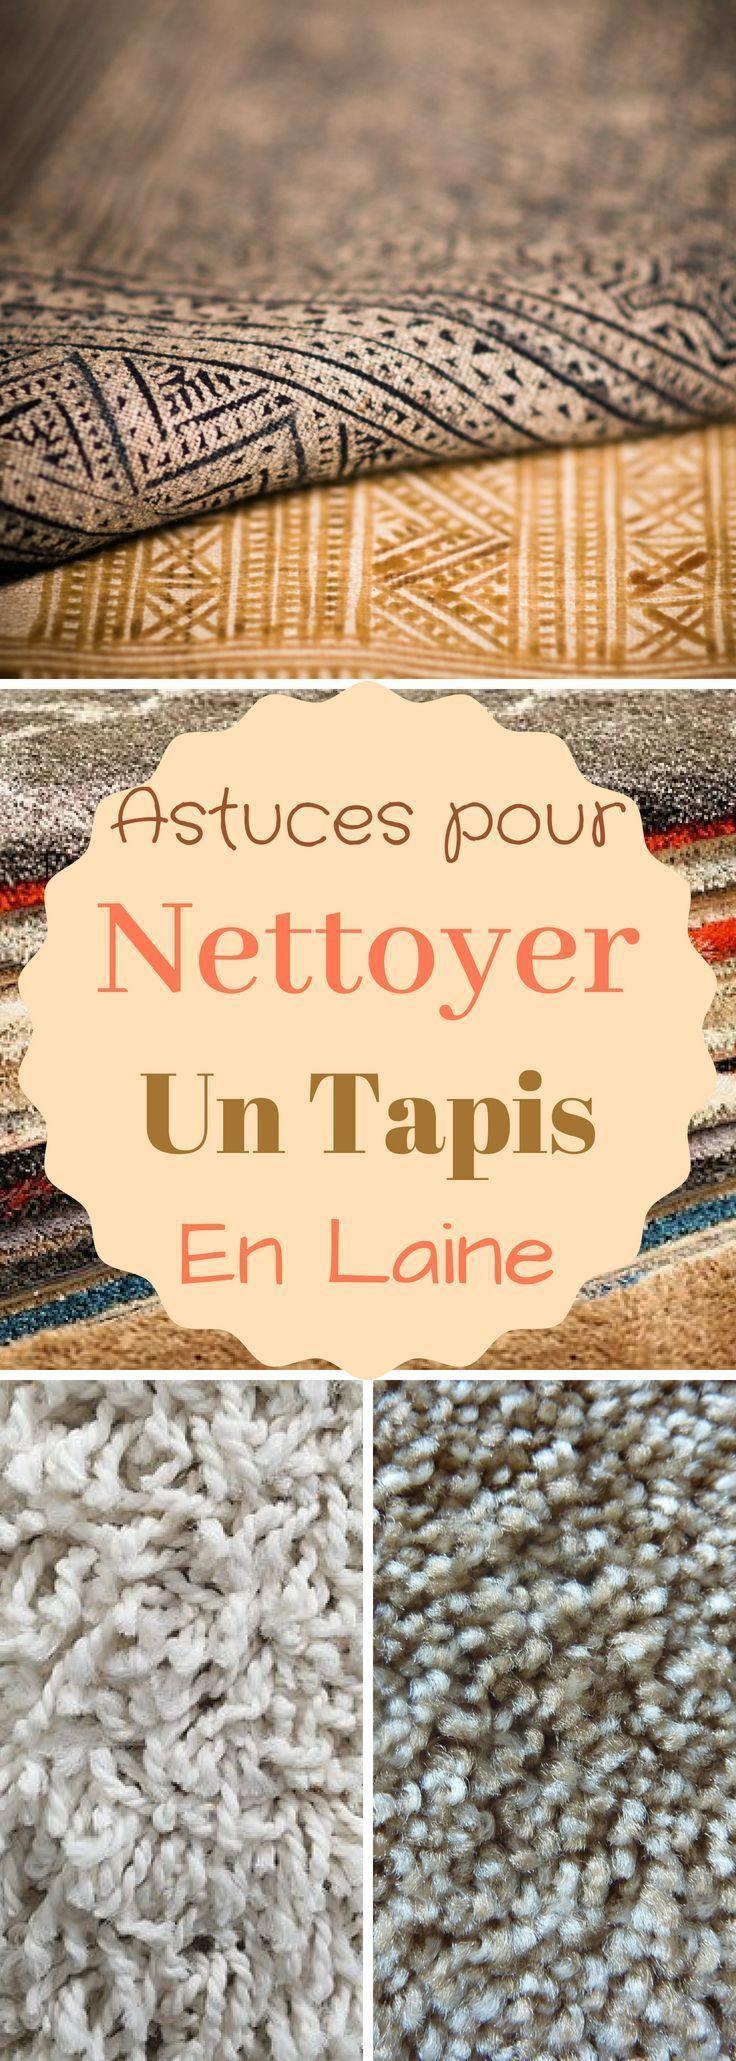 Astuces Comment Nettoyer Un Tapis En Laine Nettoyer Tapis Tapis Laine Nettoyage Tapis